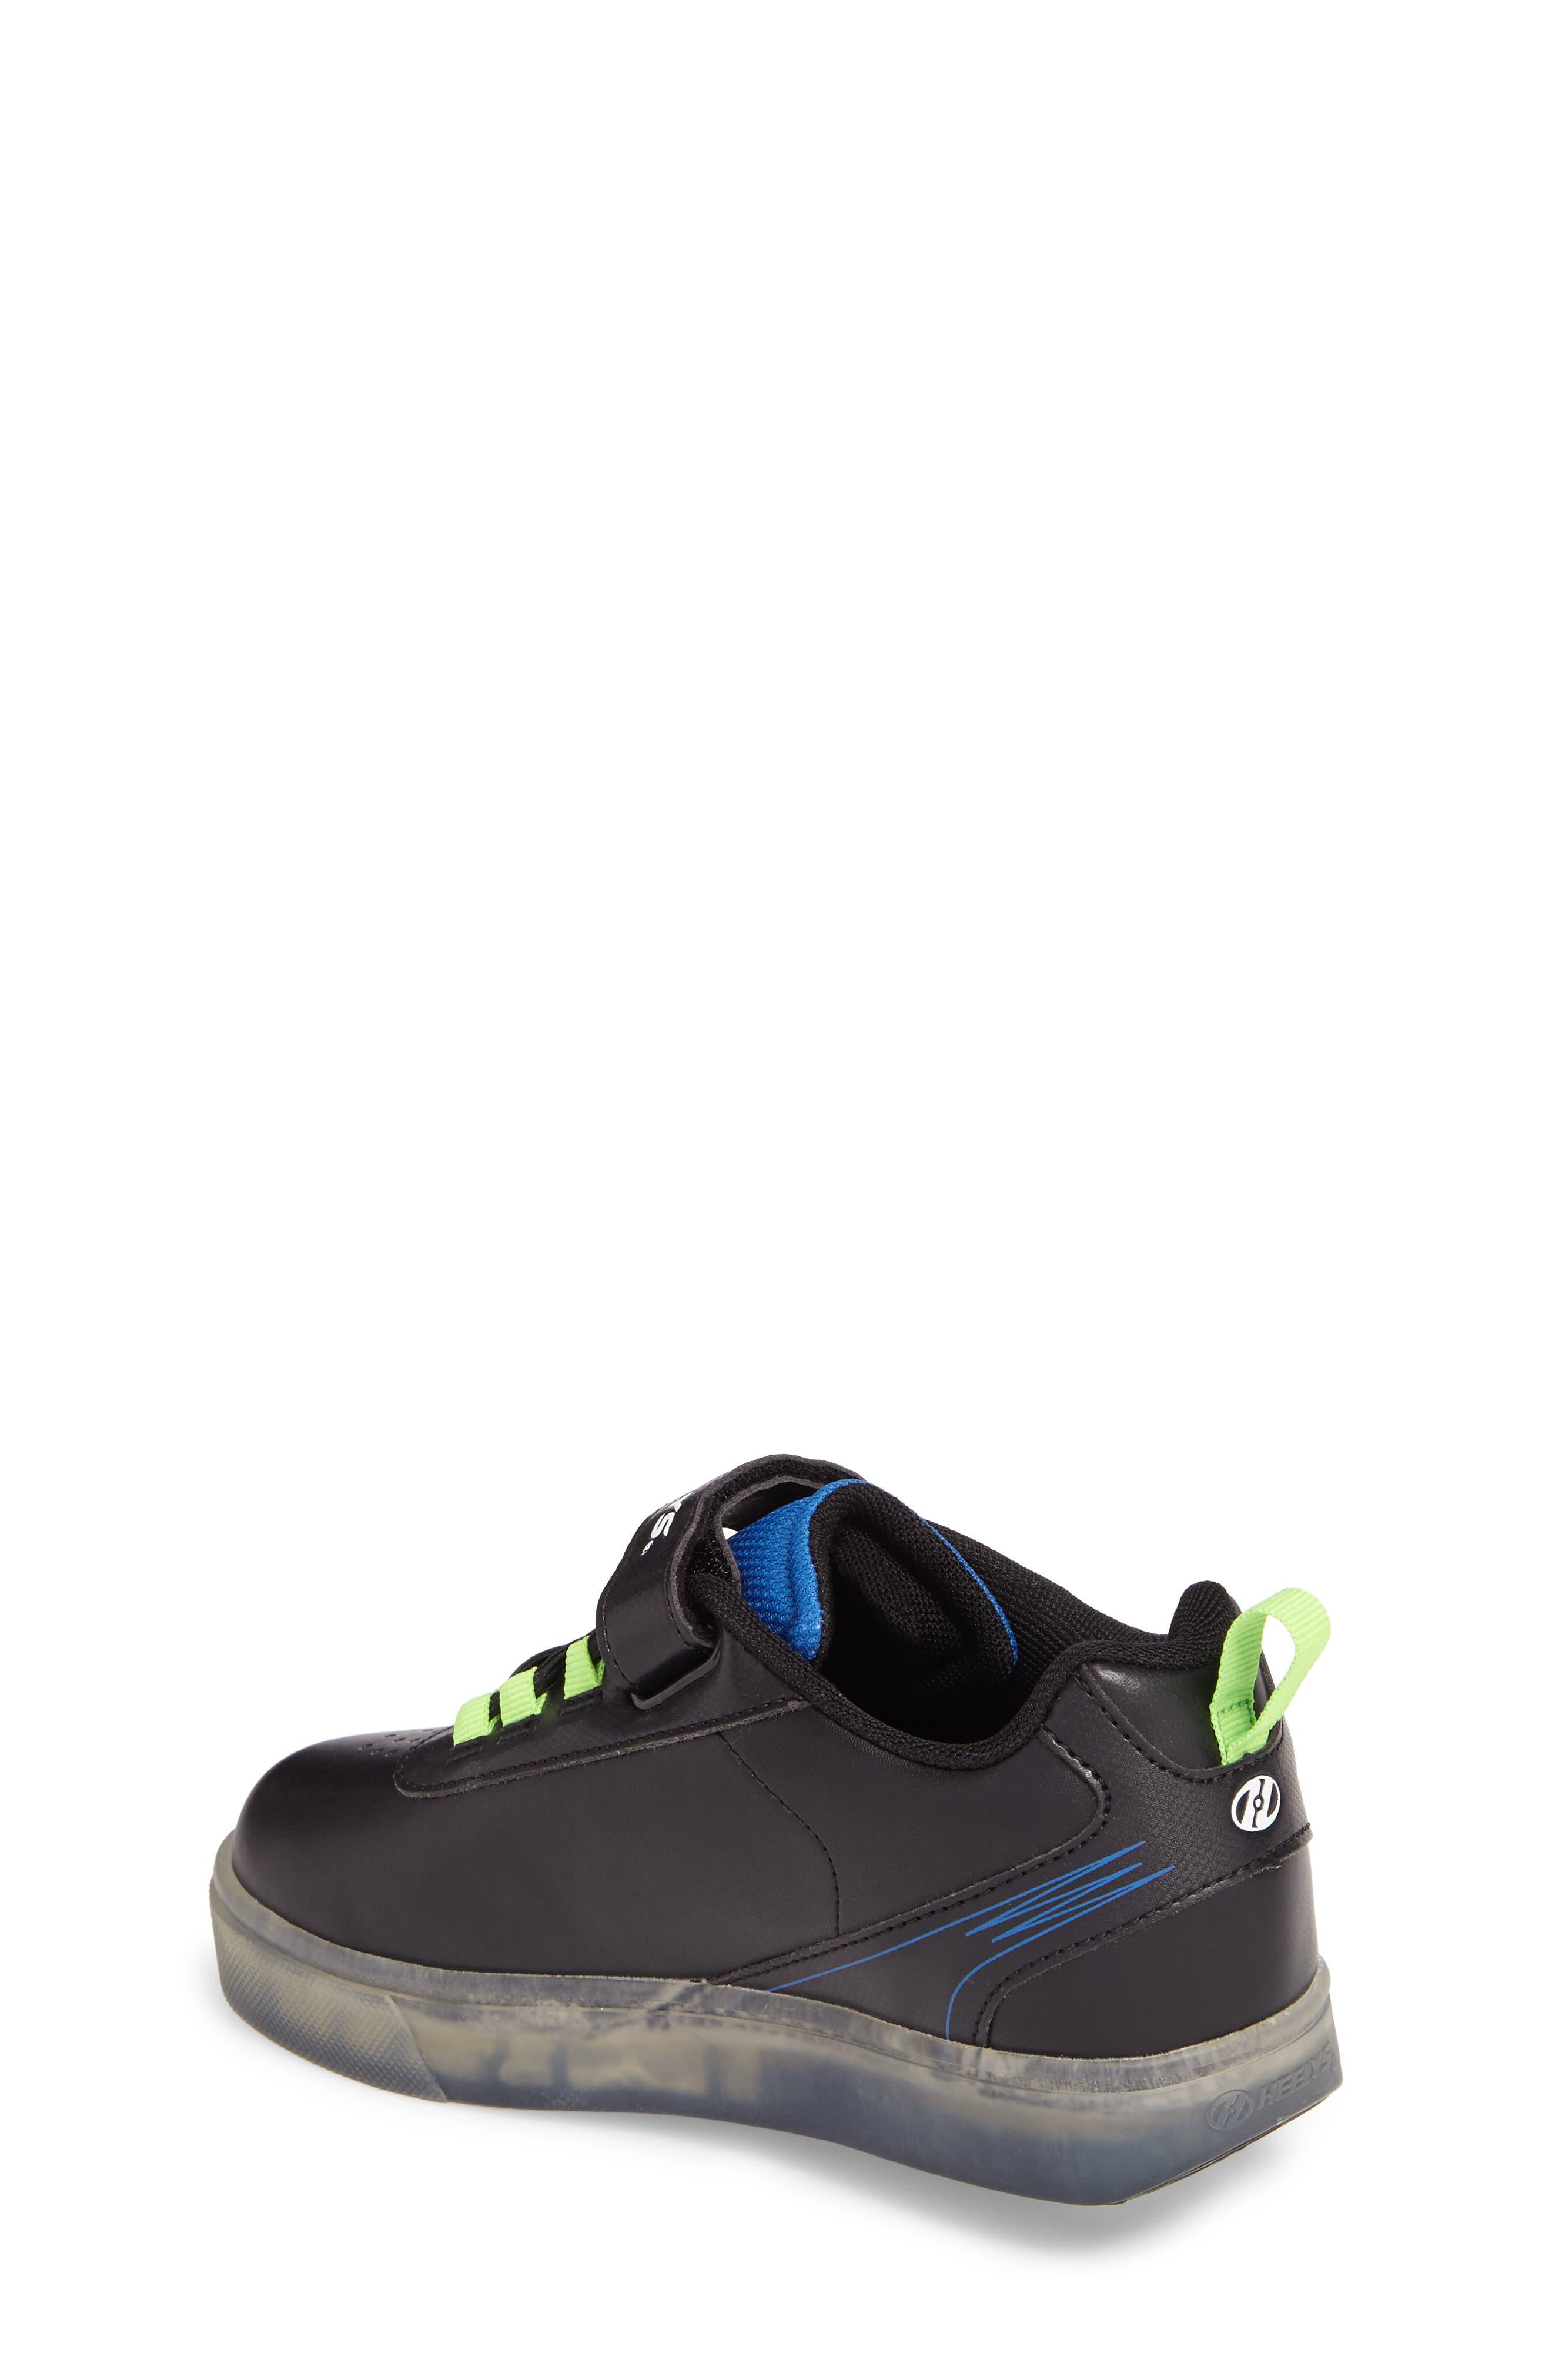 Pow X2 Light-Up Wheeled Skate Sneaker,                             Alternate thumbnail 2, color,                             011